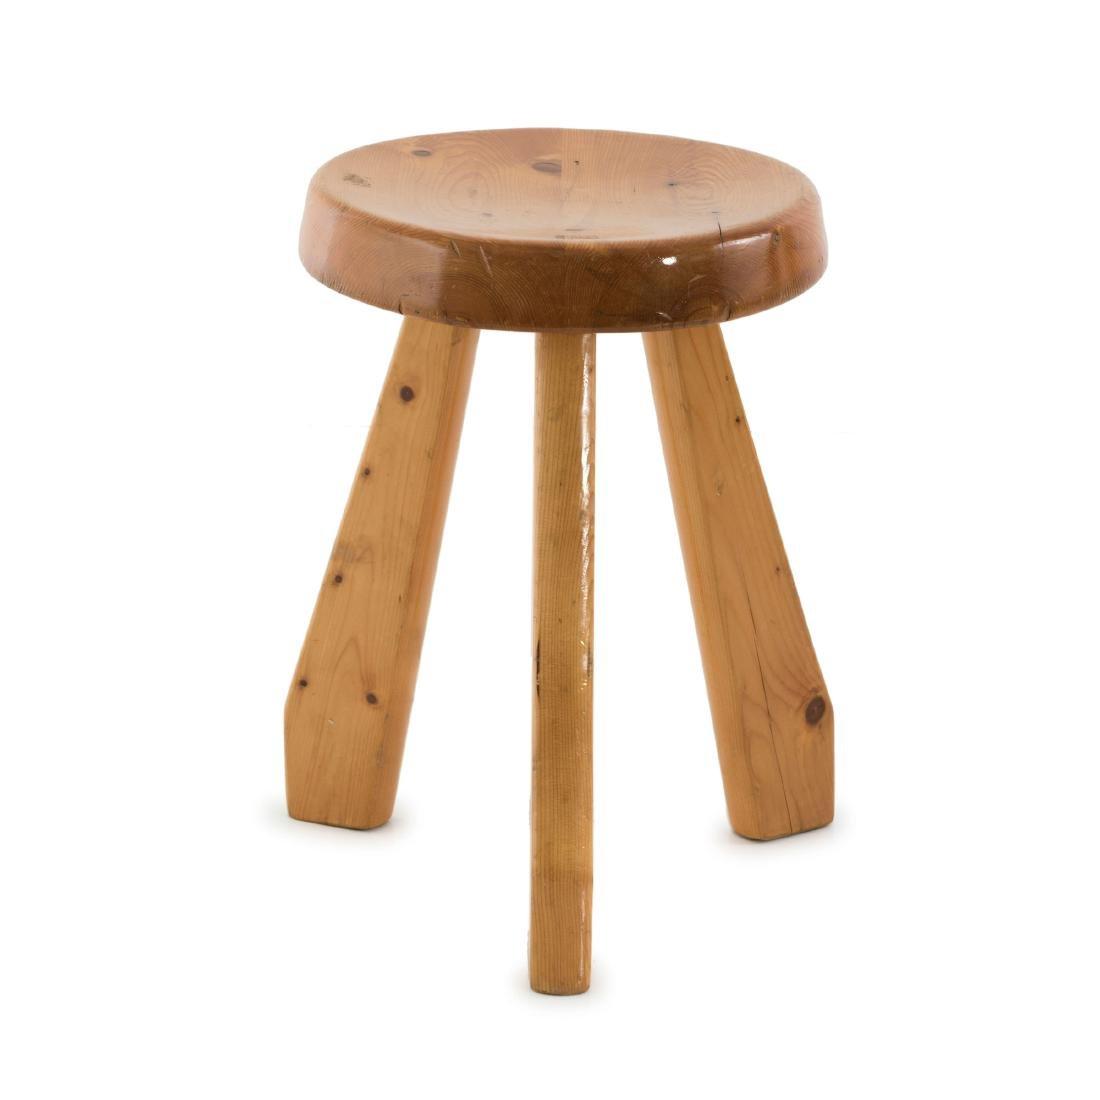 'Meribel' stool, 1962